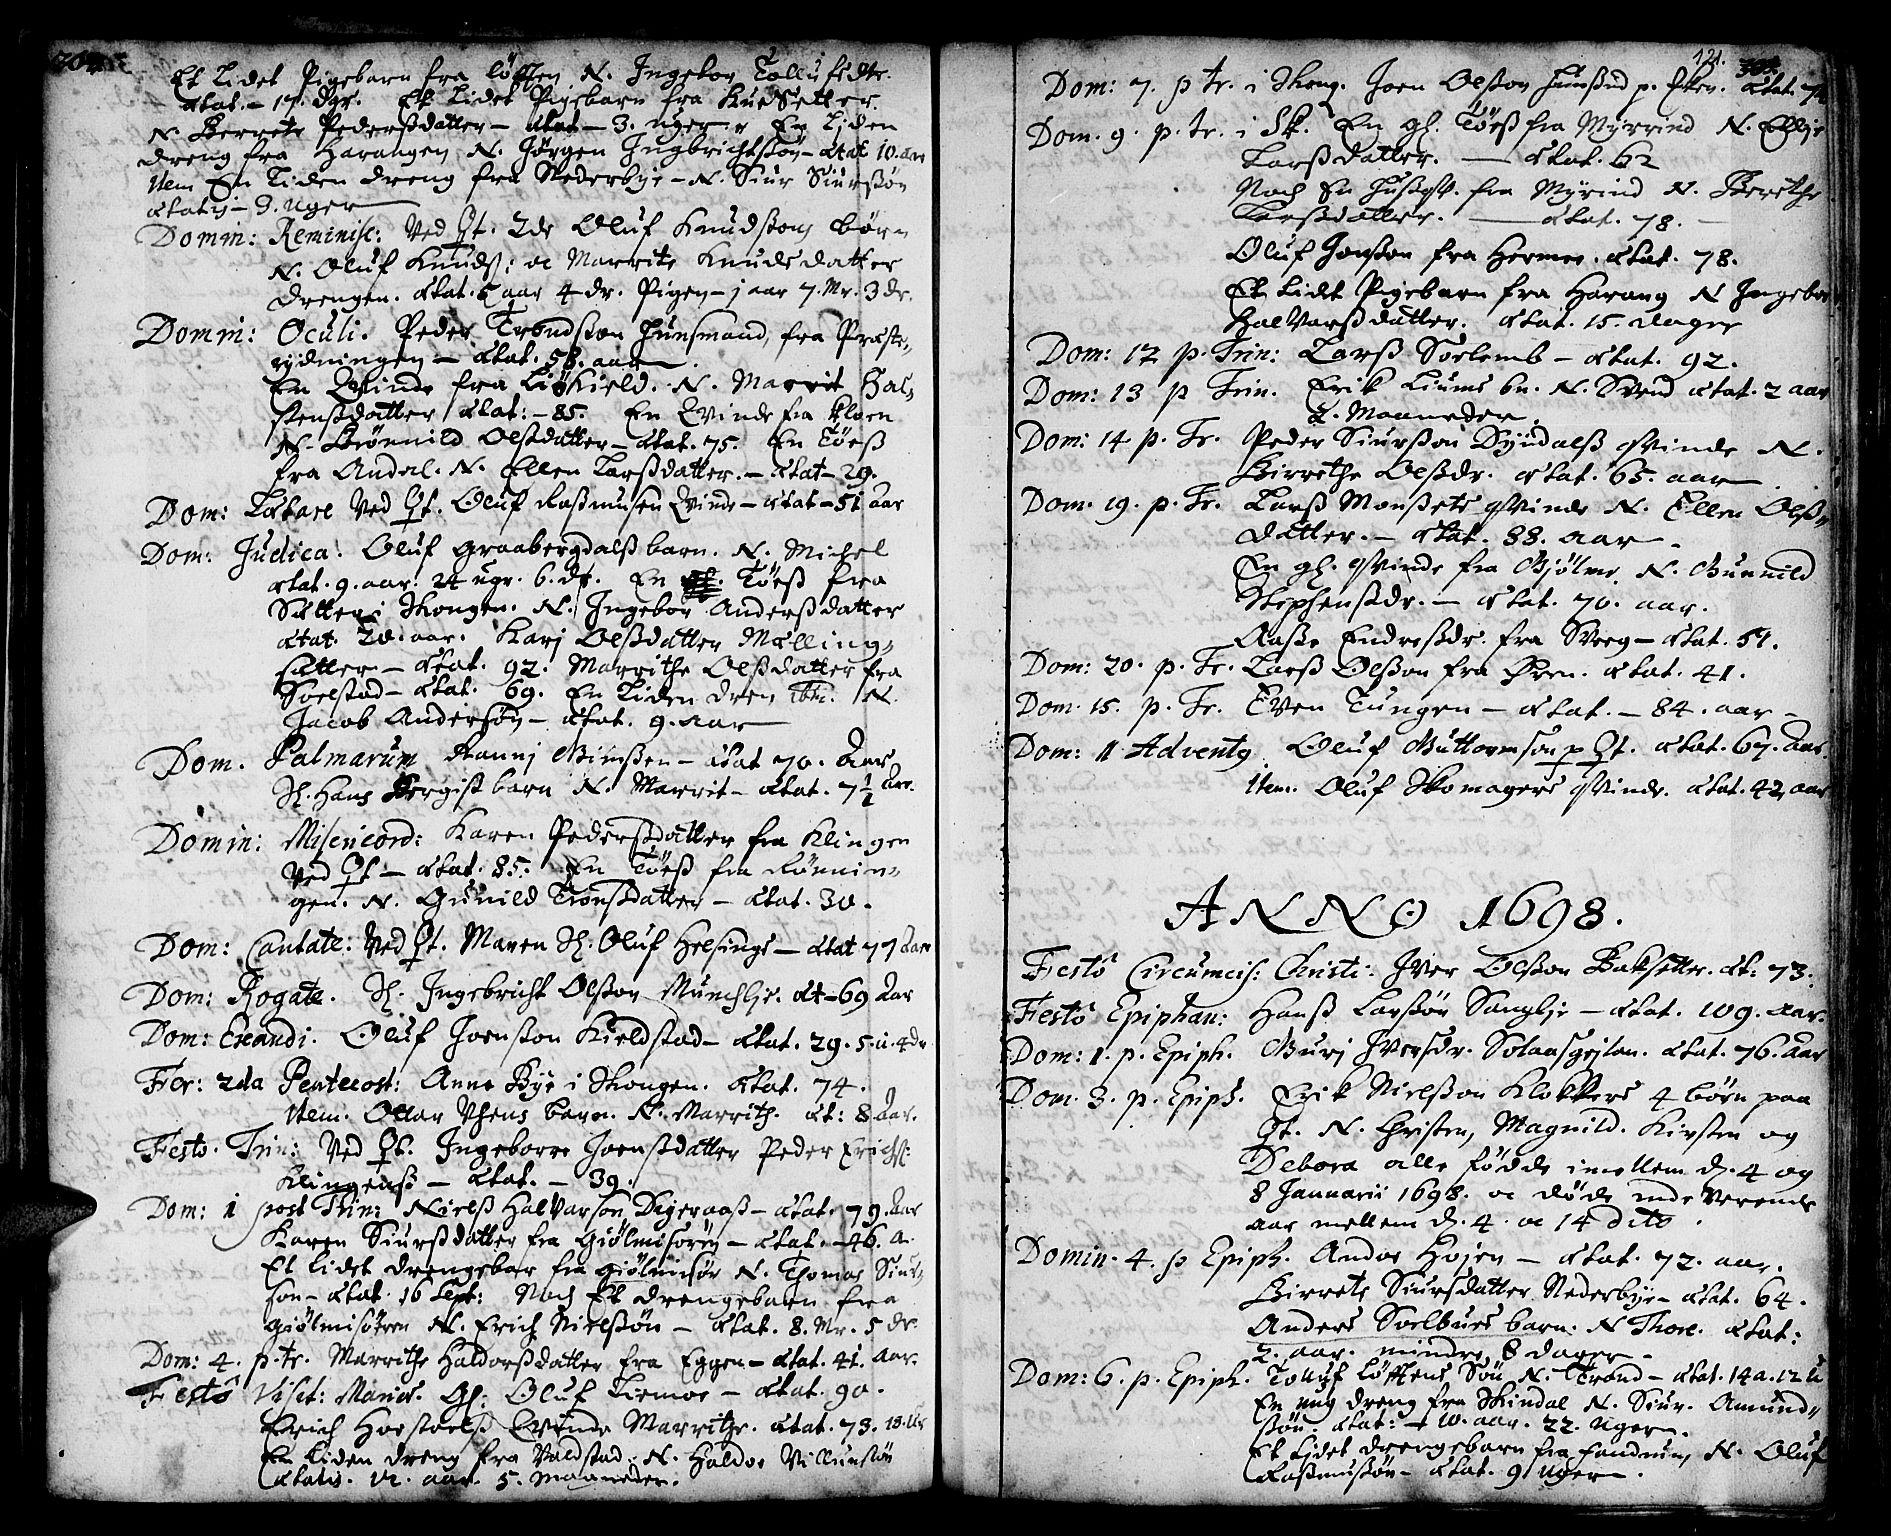 SAT, Ministerialprotokoller, klokkerbøker og fødselsregistre - Sør-Trøndelag, 668/L0801: Ministerialbok nr. 668A01, 1695-1716, s. 120-121